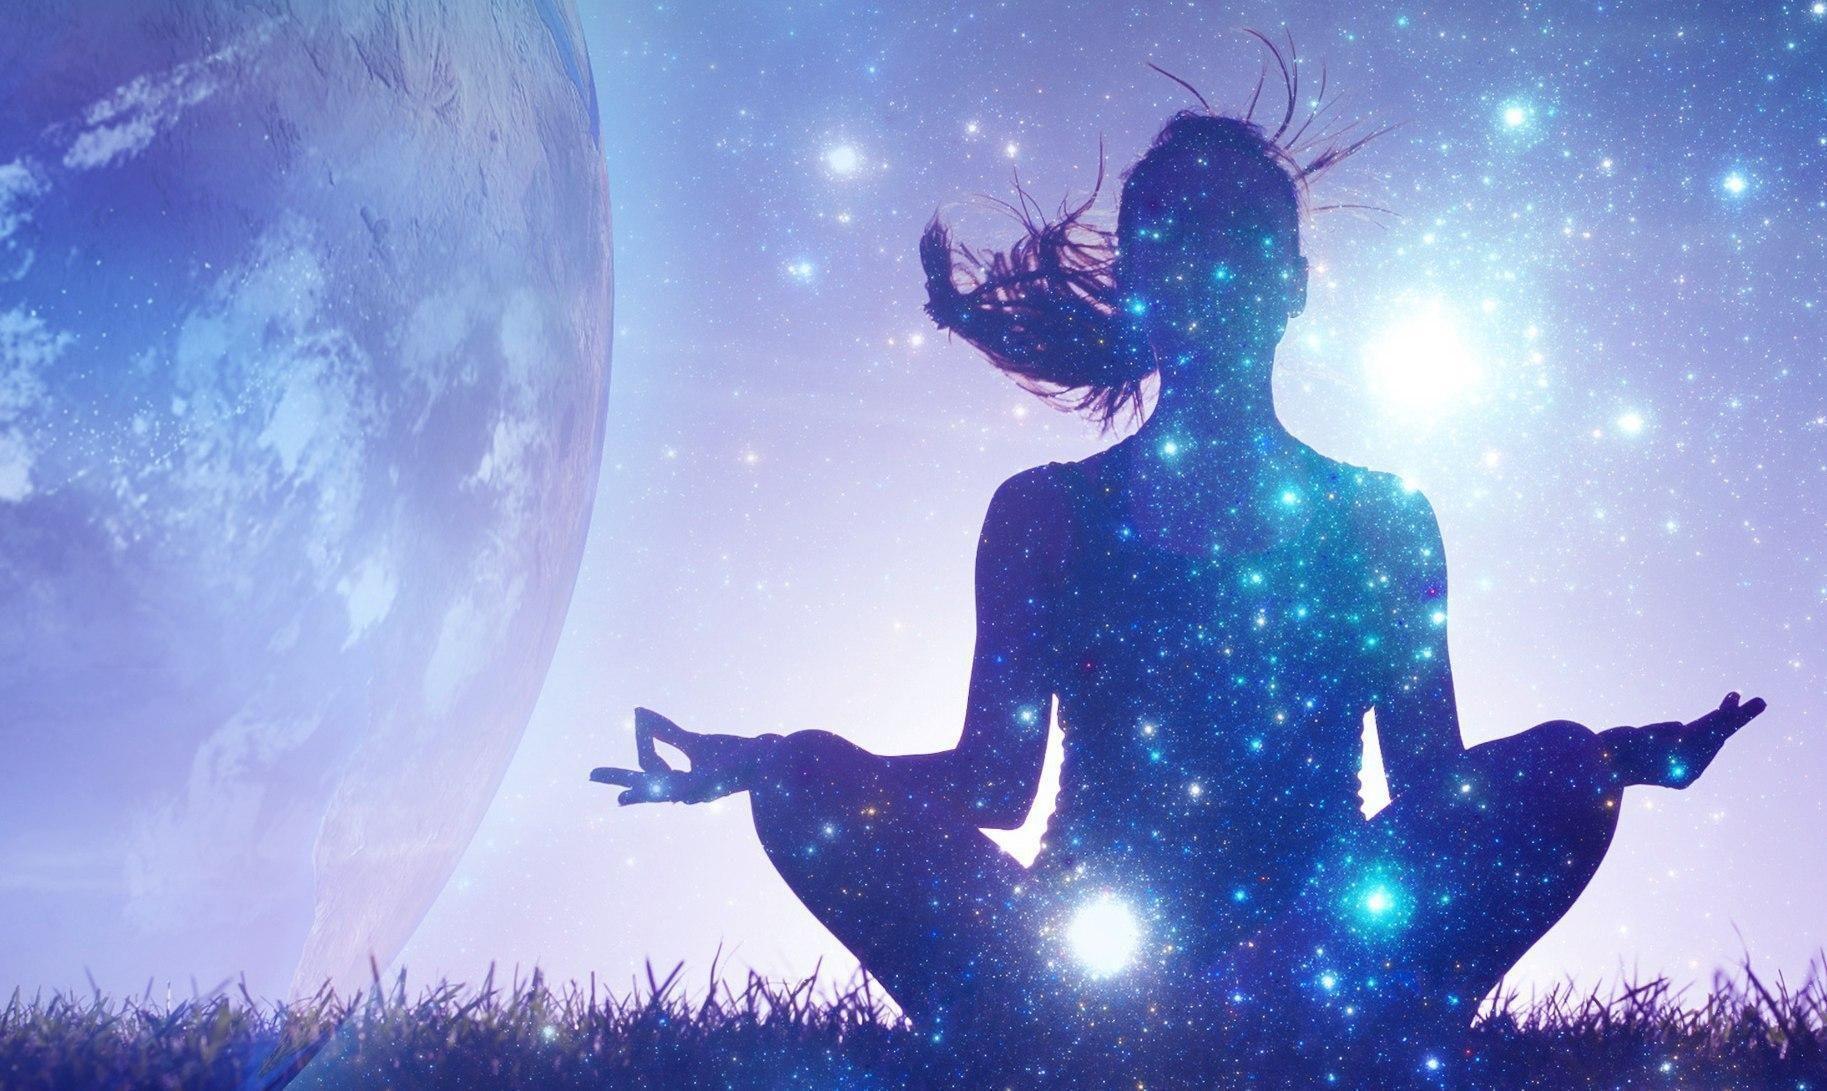 Осознанность: медитации и практики – как развить осознанность, техники и тренировки